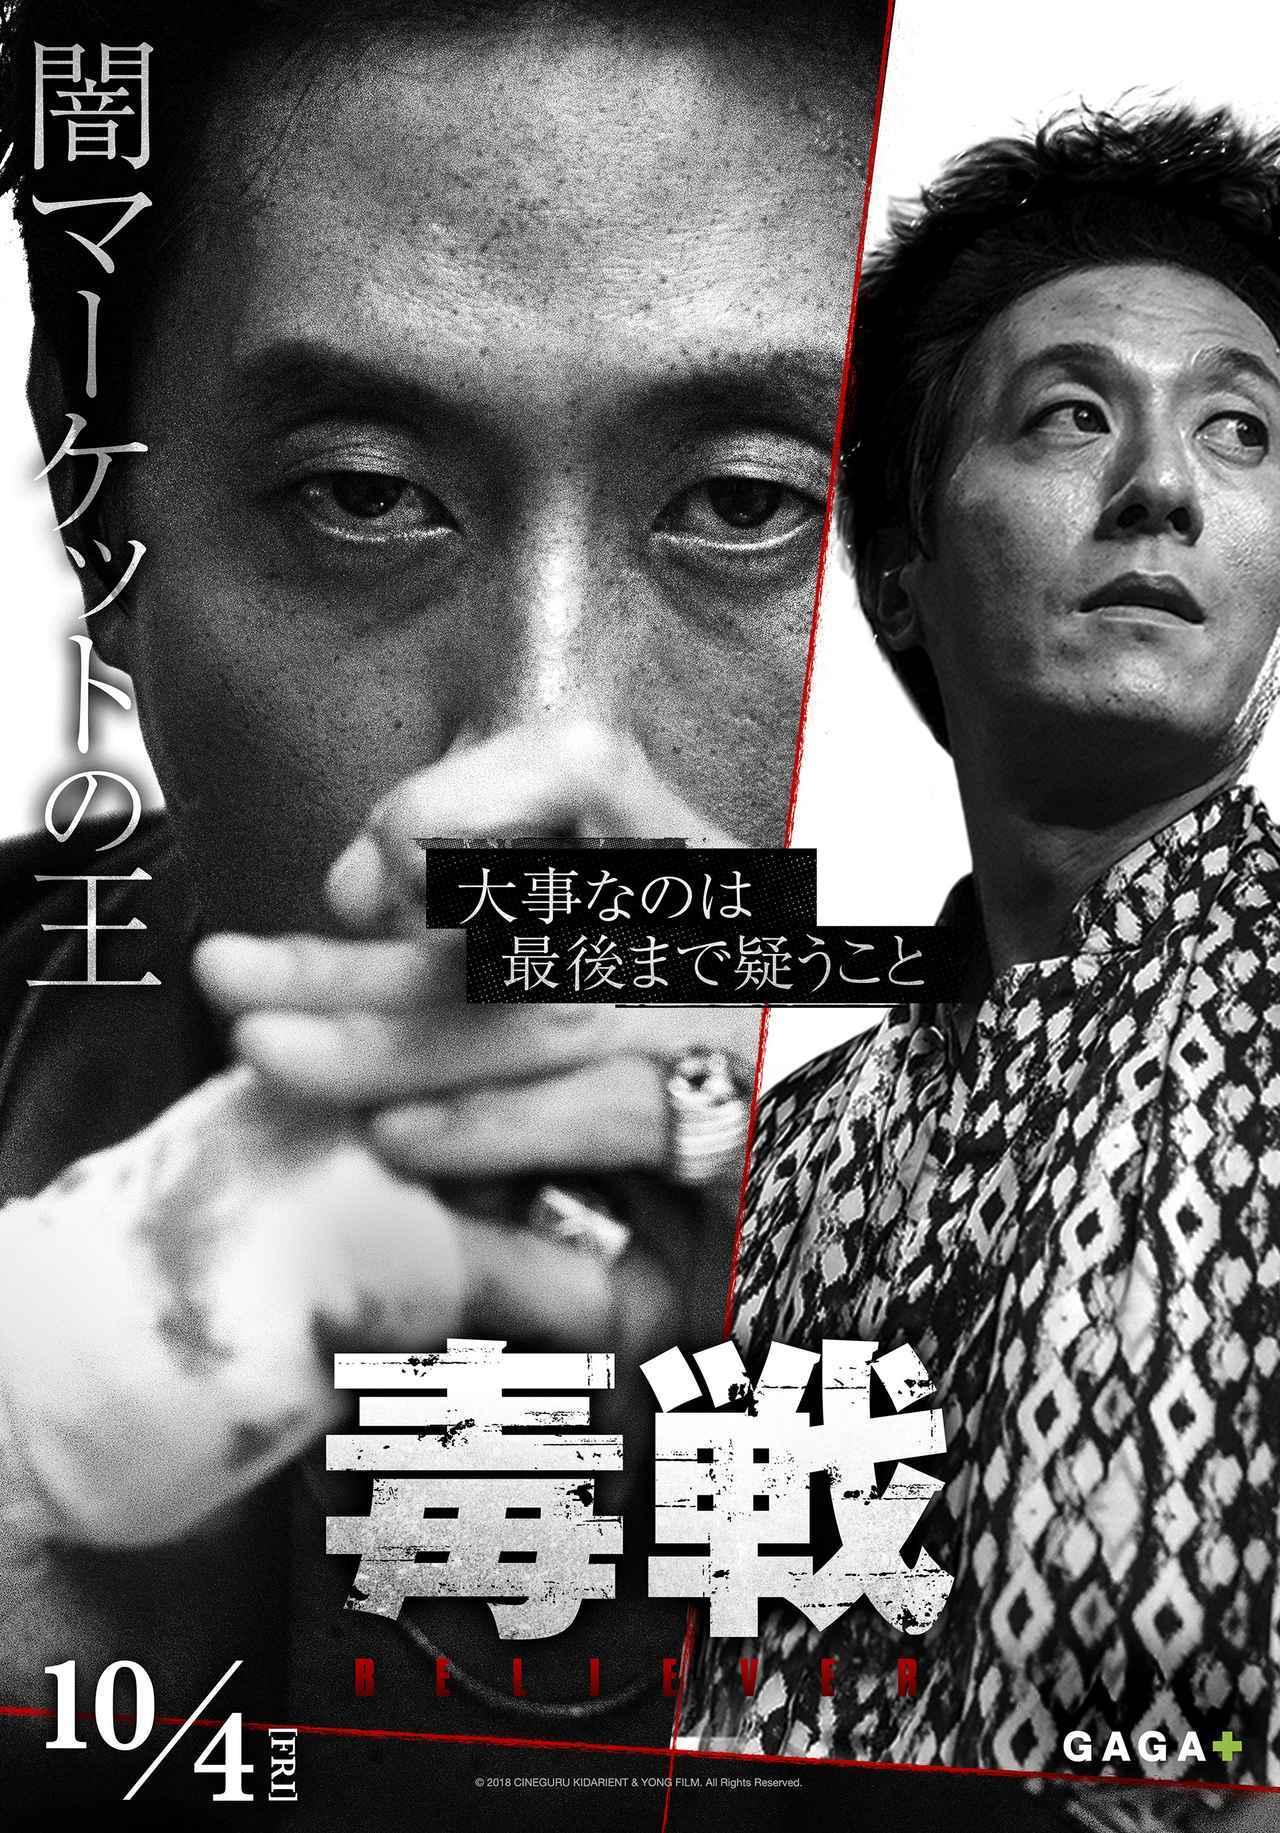 画像4: © 2018 CINEGURU KIDARIENT & YONG FILM. All Rights Reserved.